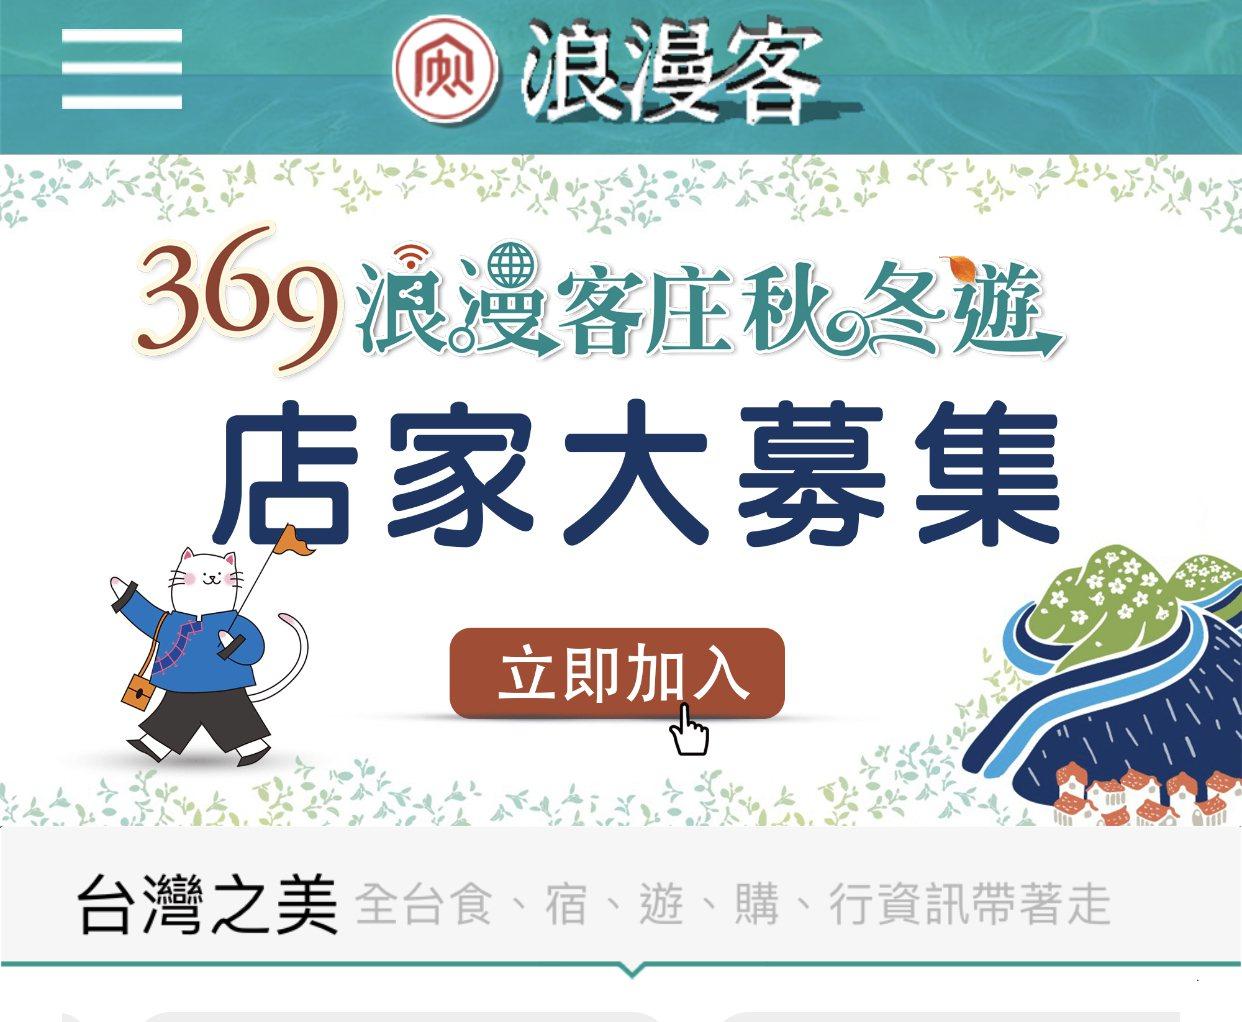 透過手機登入下載「浪漫客App」,就可以獲得一組新臺幣600元的電子旅遊券,將於...